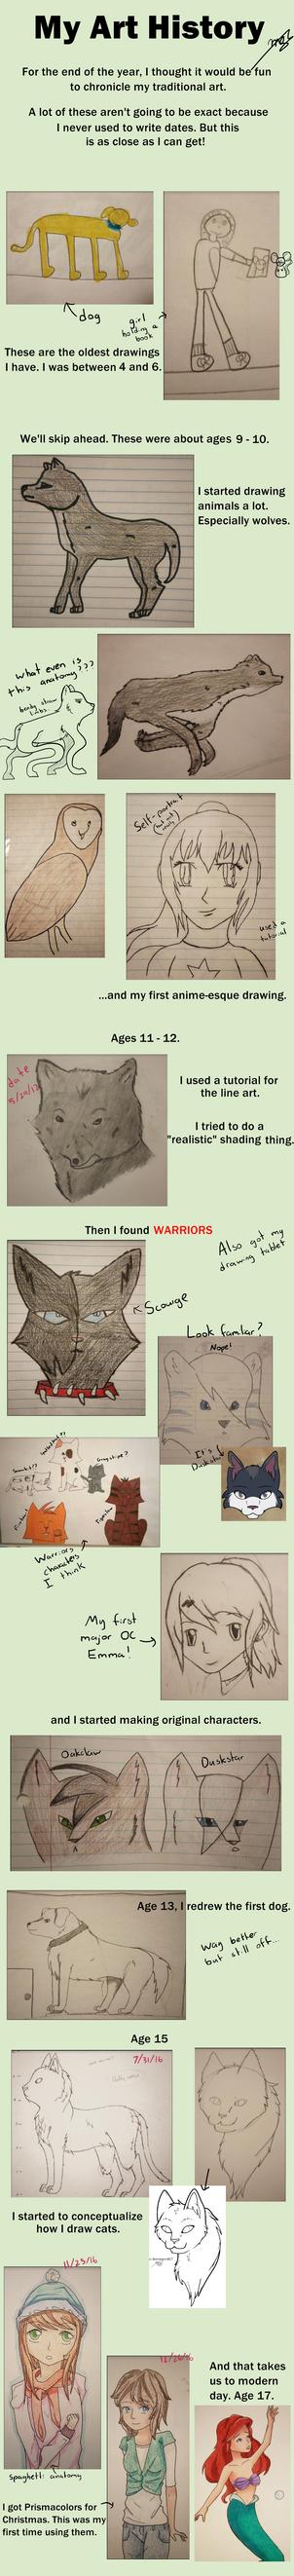 Art Timeline by drawingwolf17